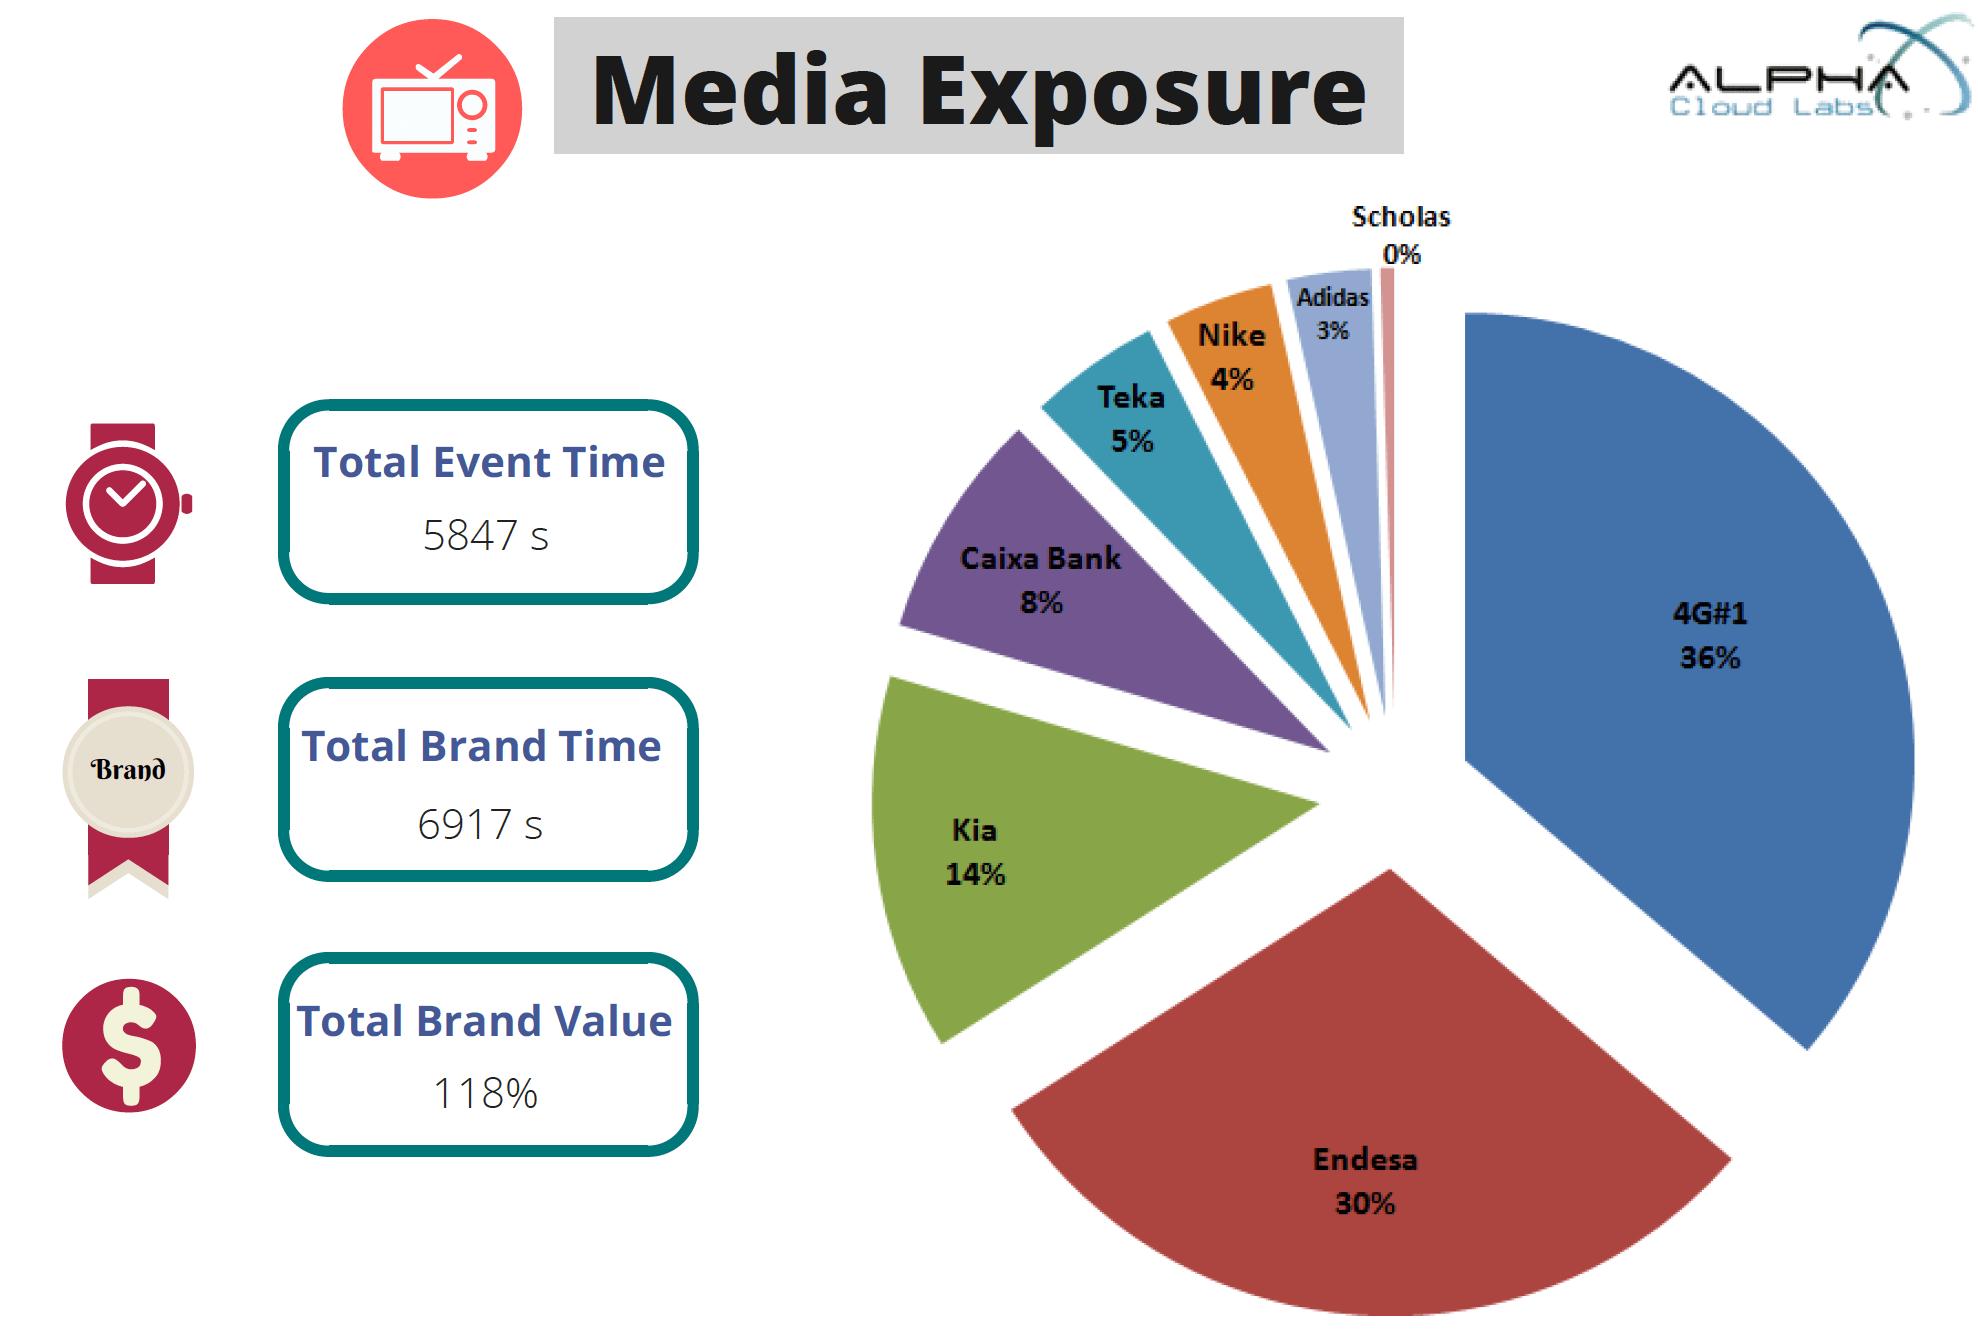 maplytiks-sample_media-exposure